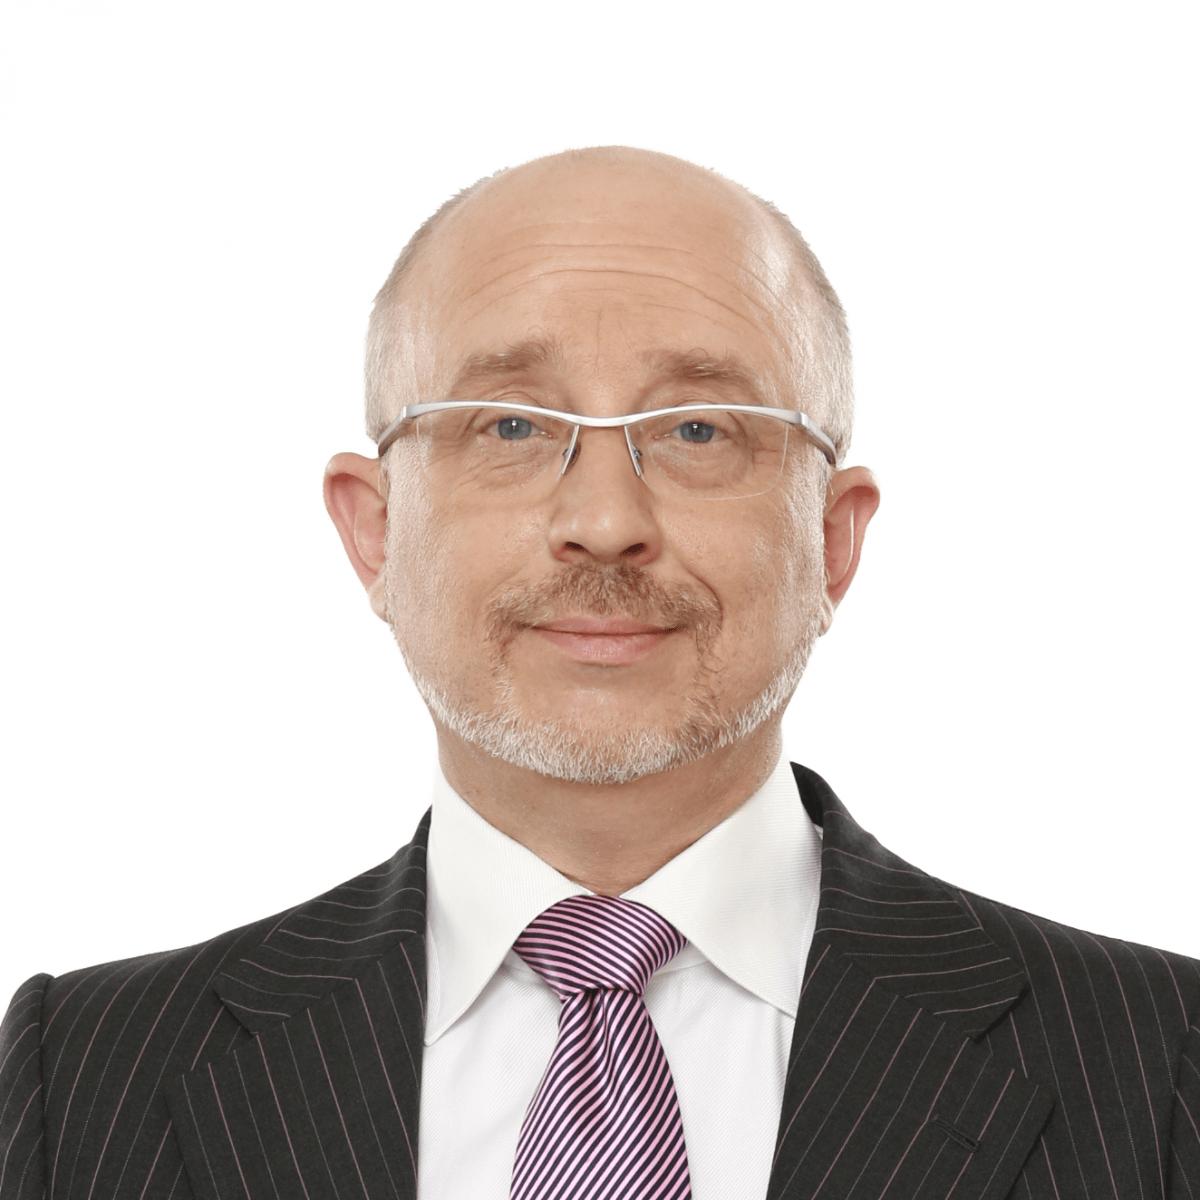 Резніков Олексій Юрійович